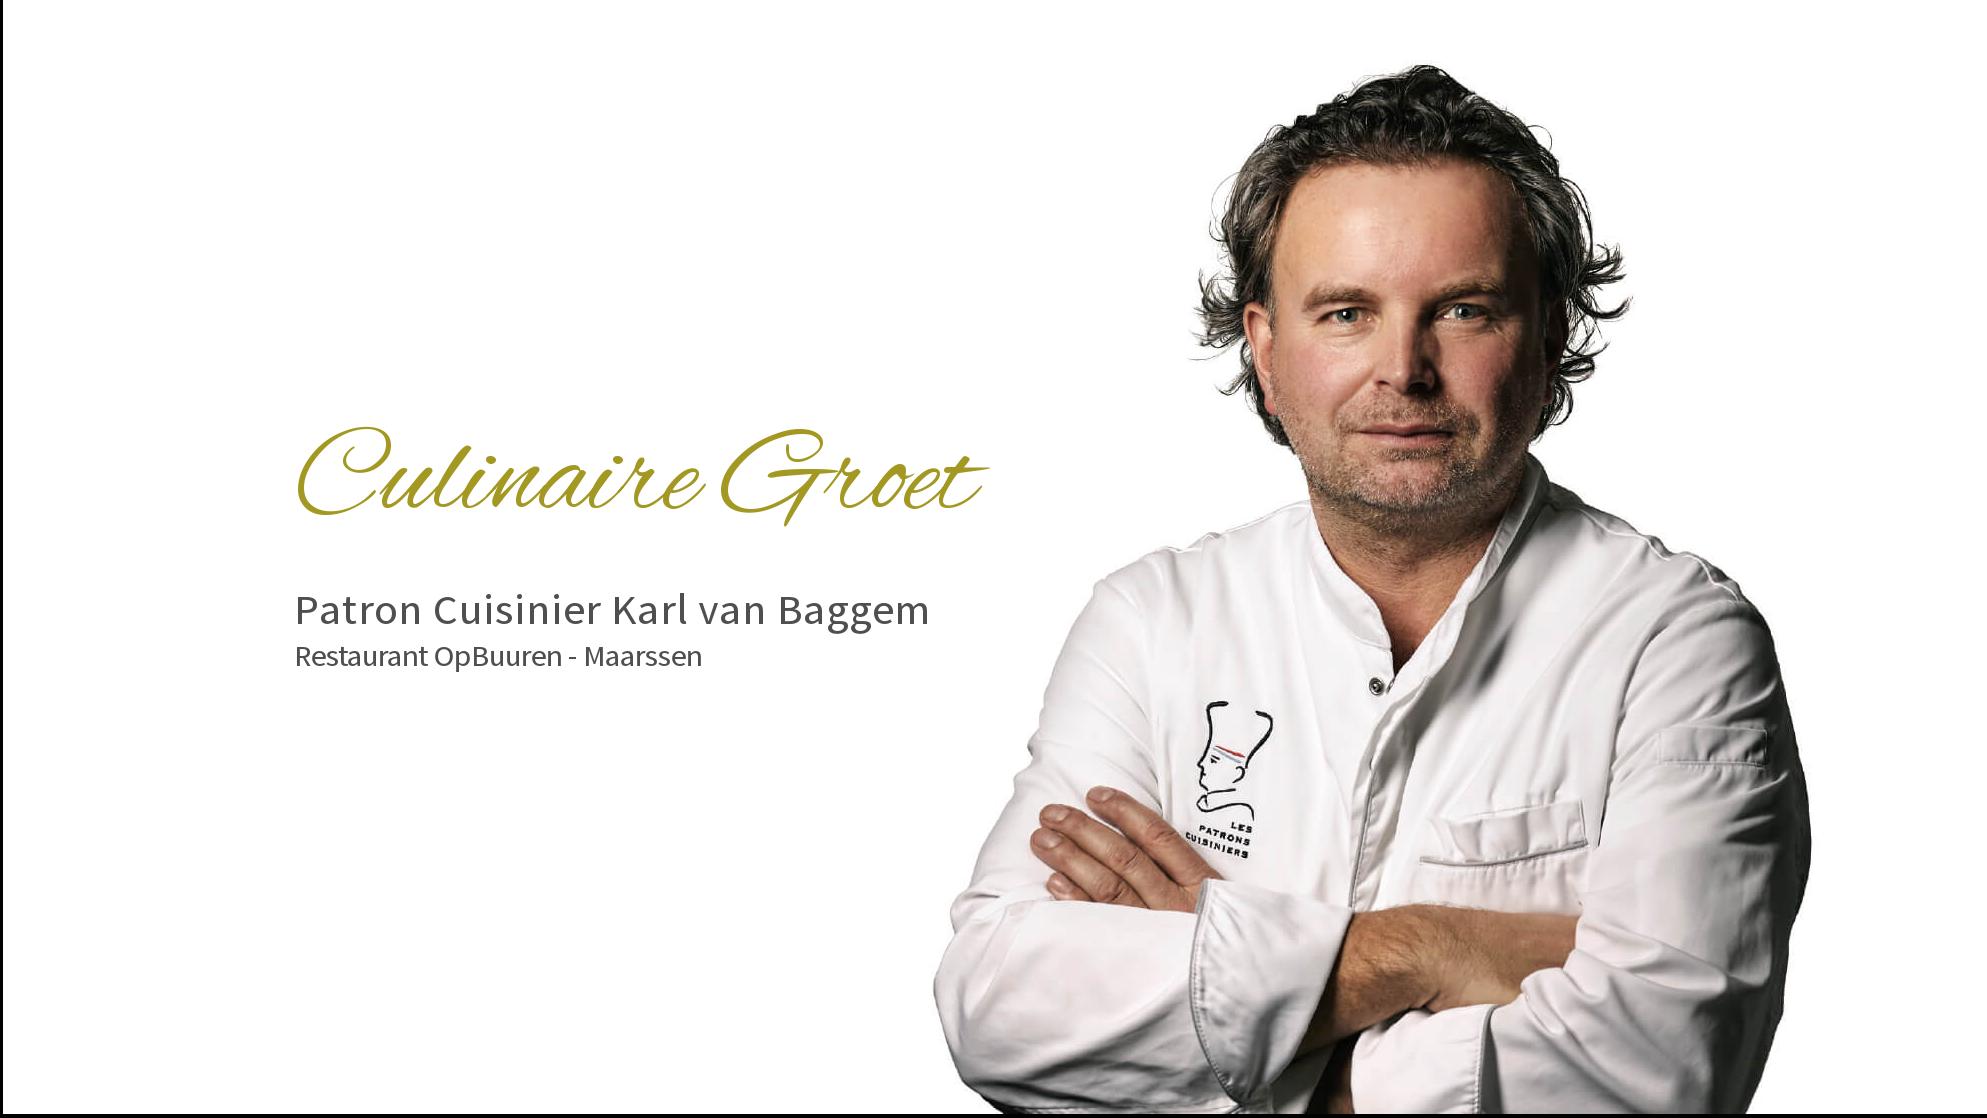 Culinaire Groet Patron Cuisinier Karl Van Baggem